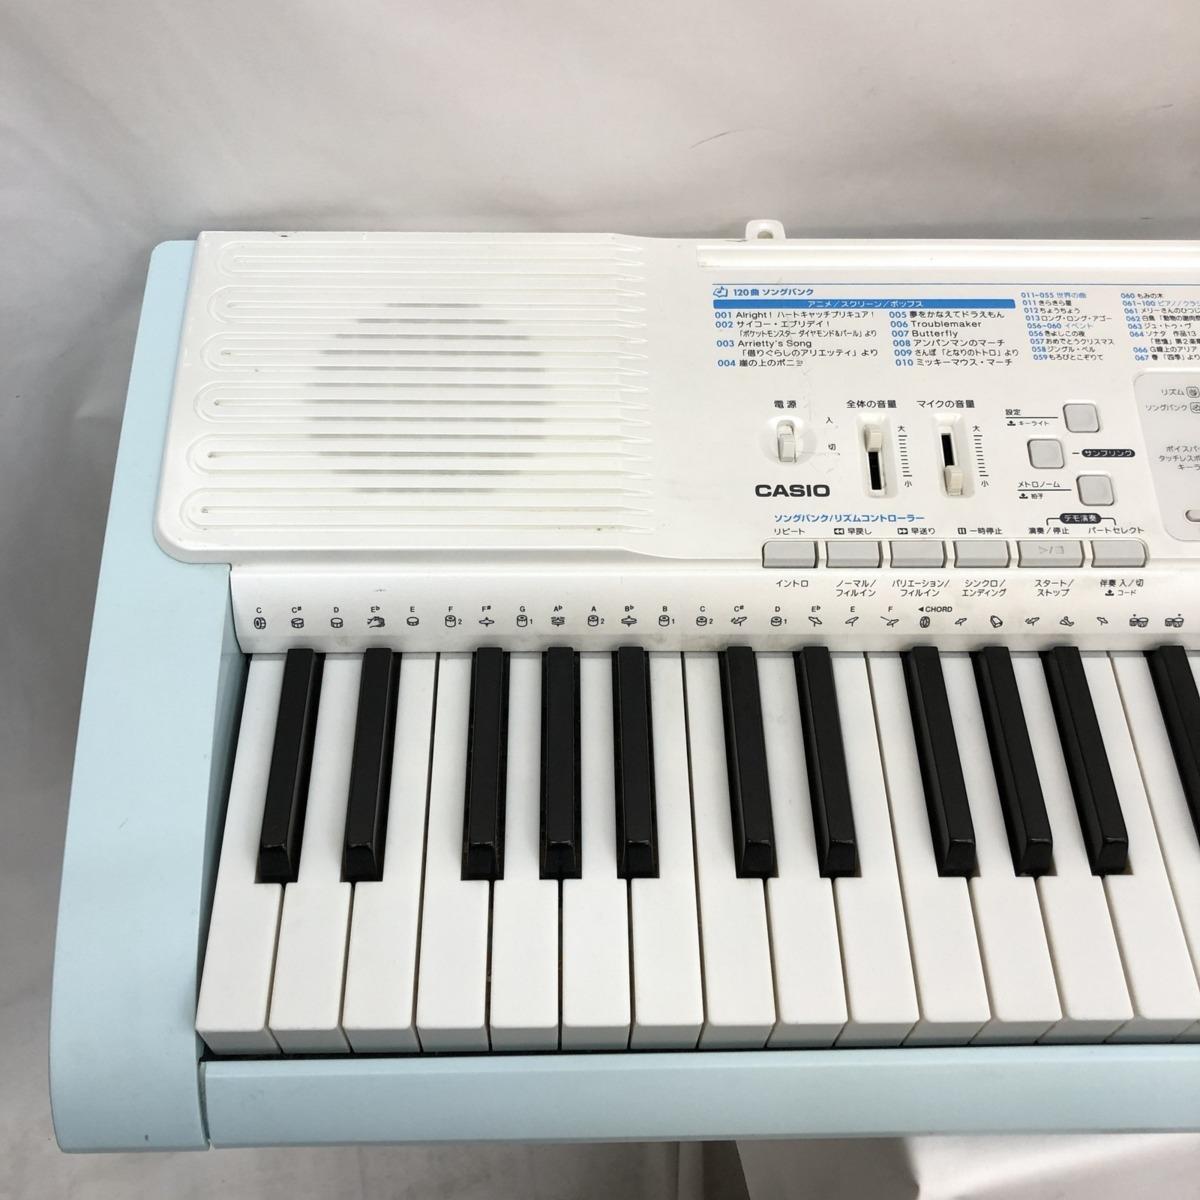 中古 CASIO カシオ 電子キーボード 光ナビゲーション LK-108 61鍵盤 ホワイト ライトブルー タッチレスポンス 電子ピアノ H15123_画像5